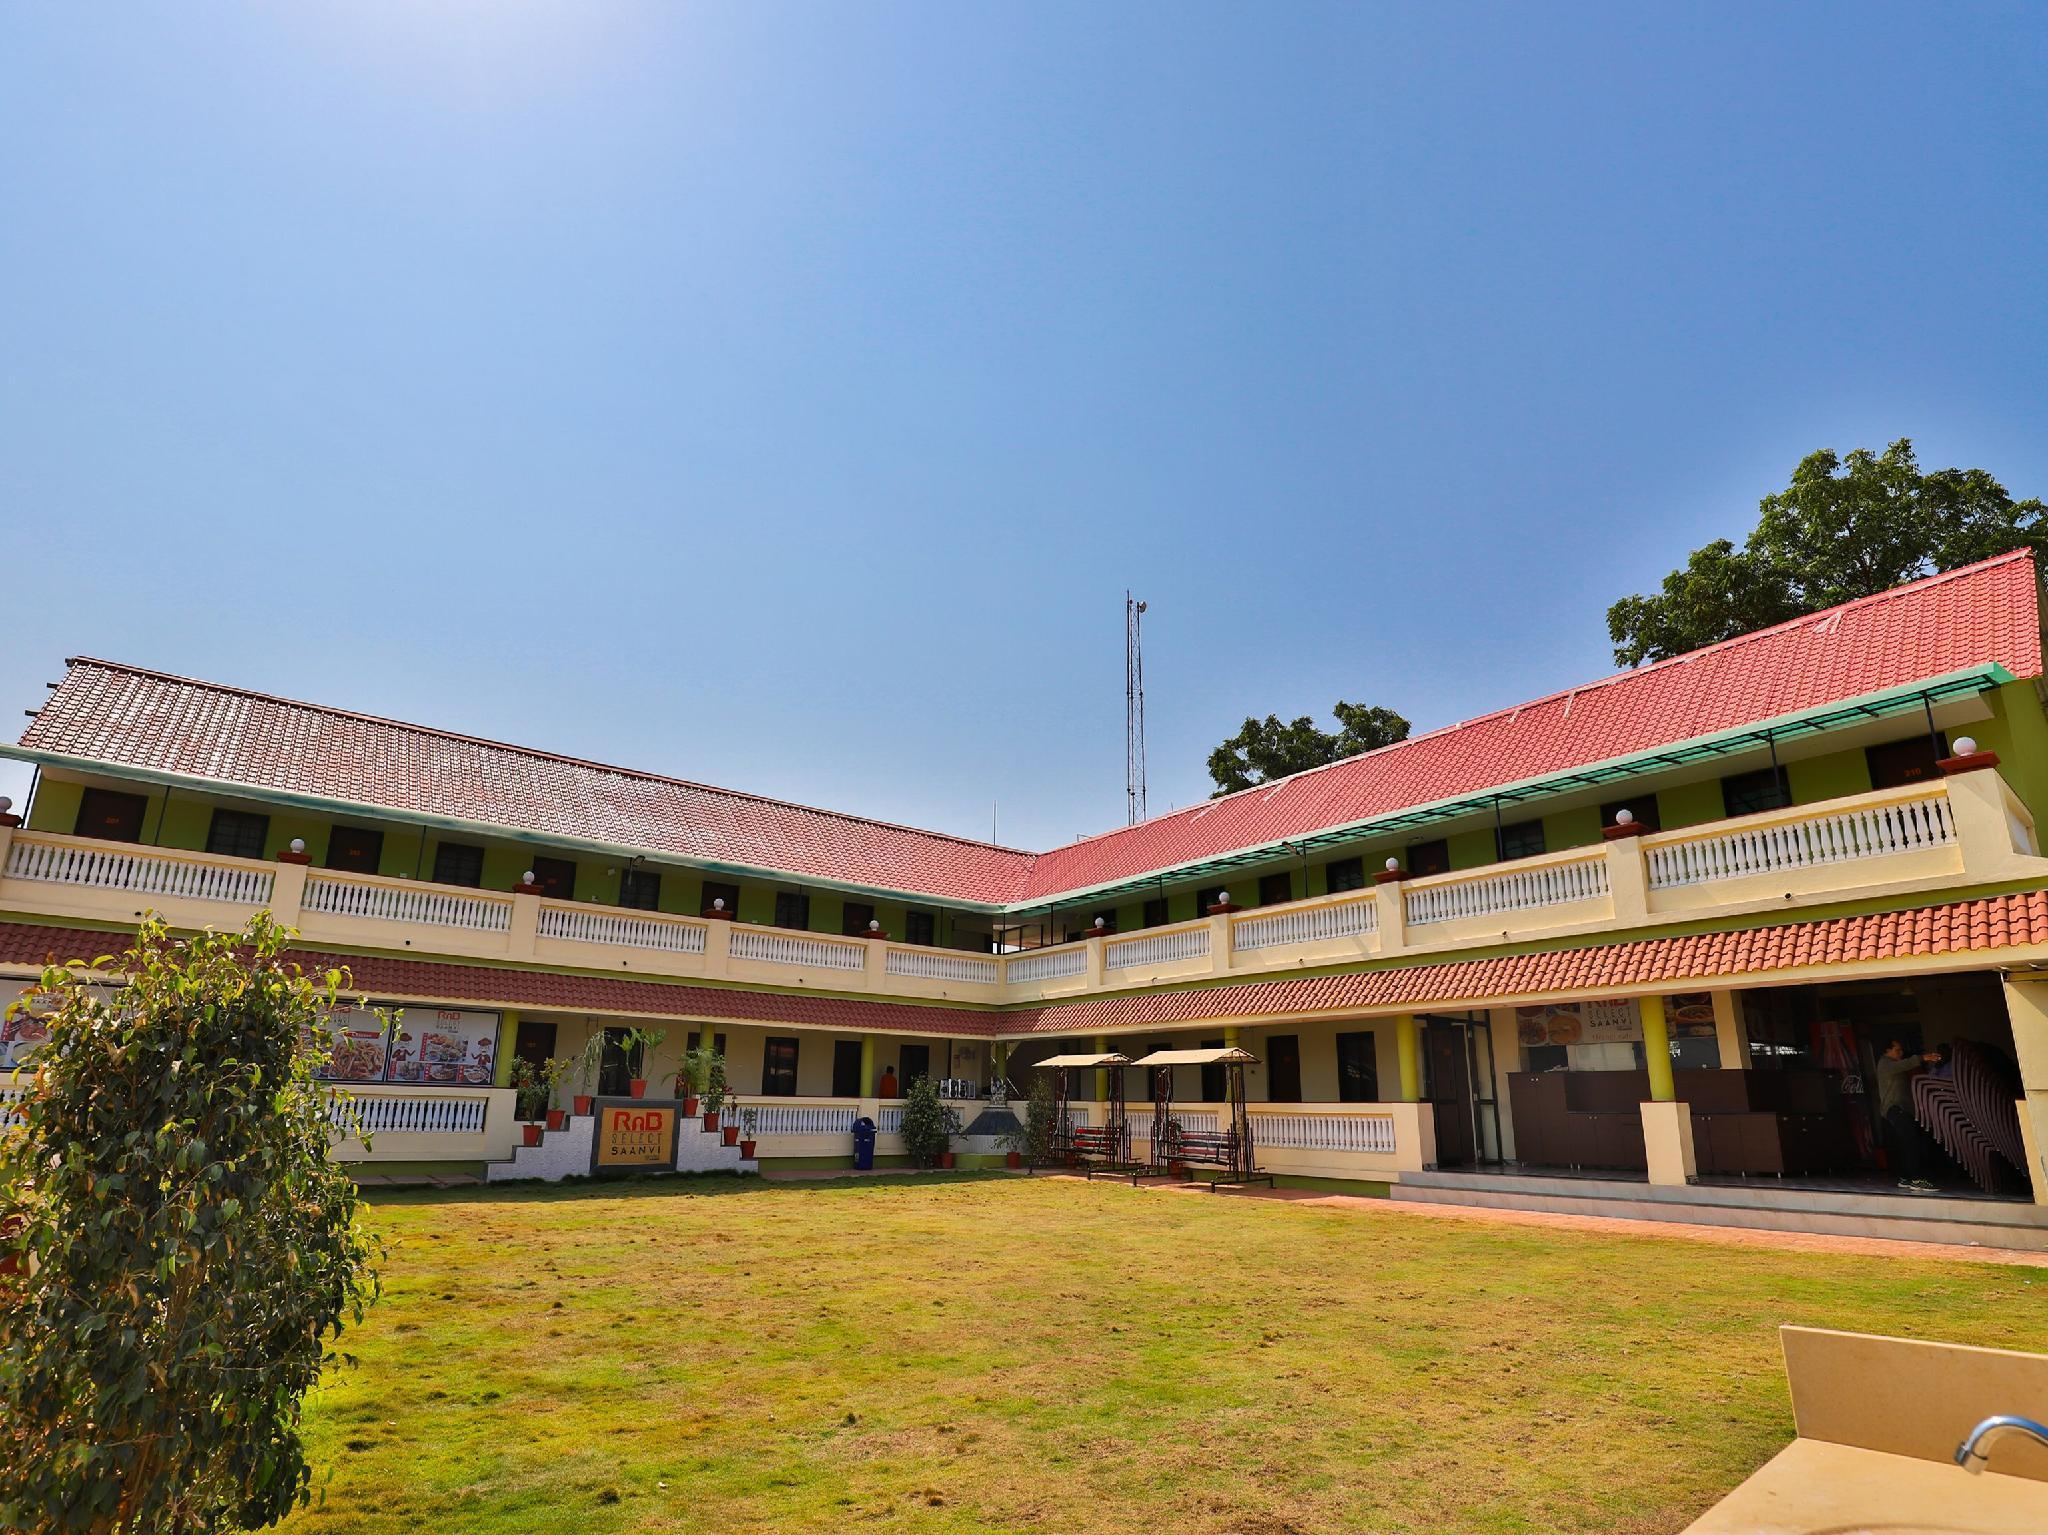 OYO 23362 Saanvi Resort, Bhavnagar